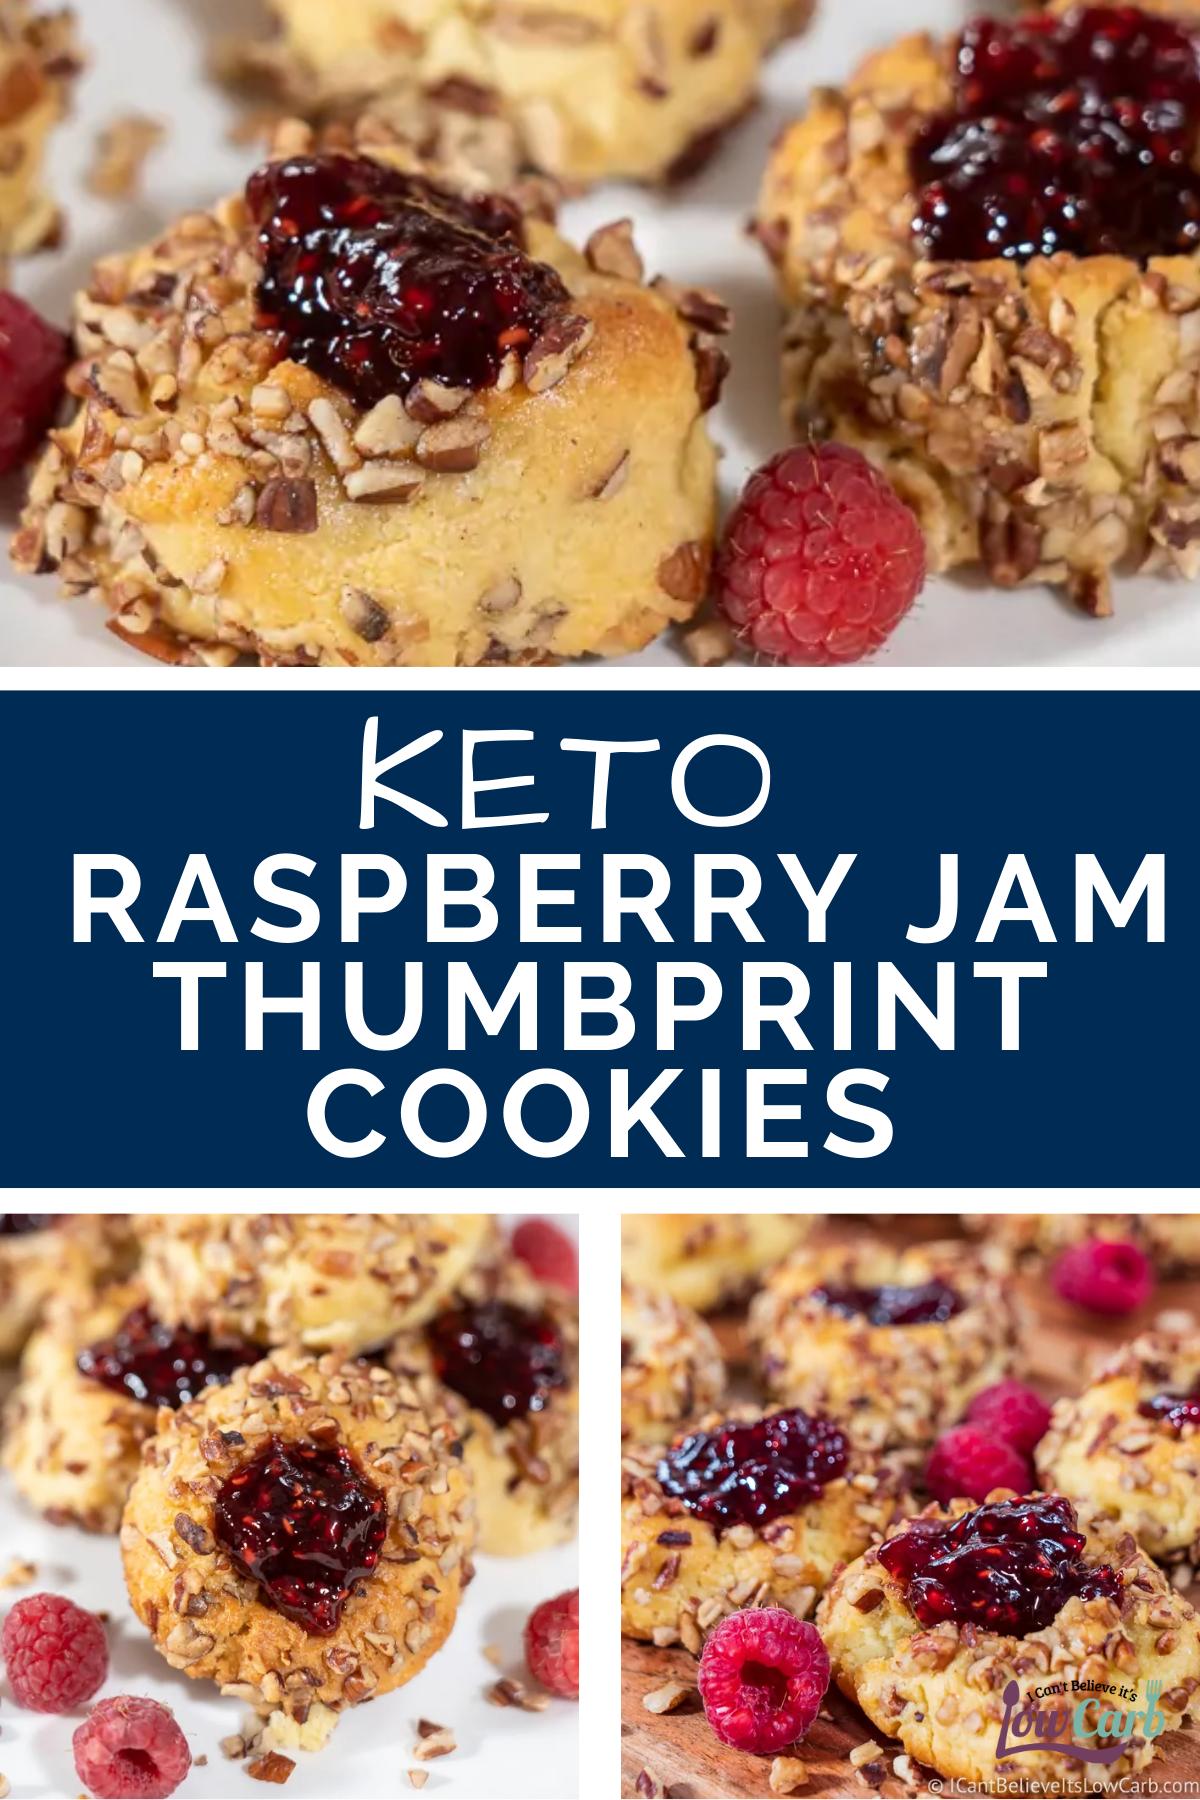 Keto Raspberry Jam Thumbprint Cookies